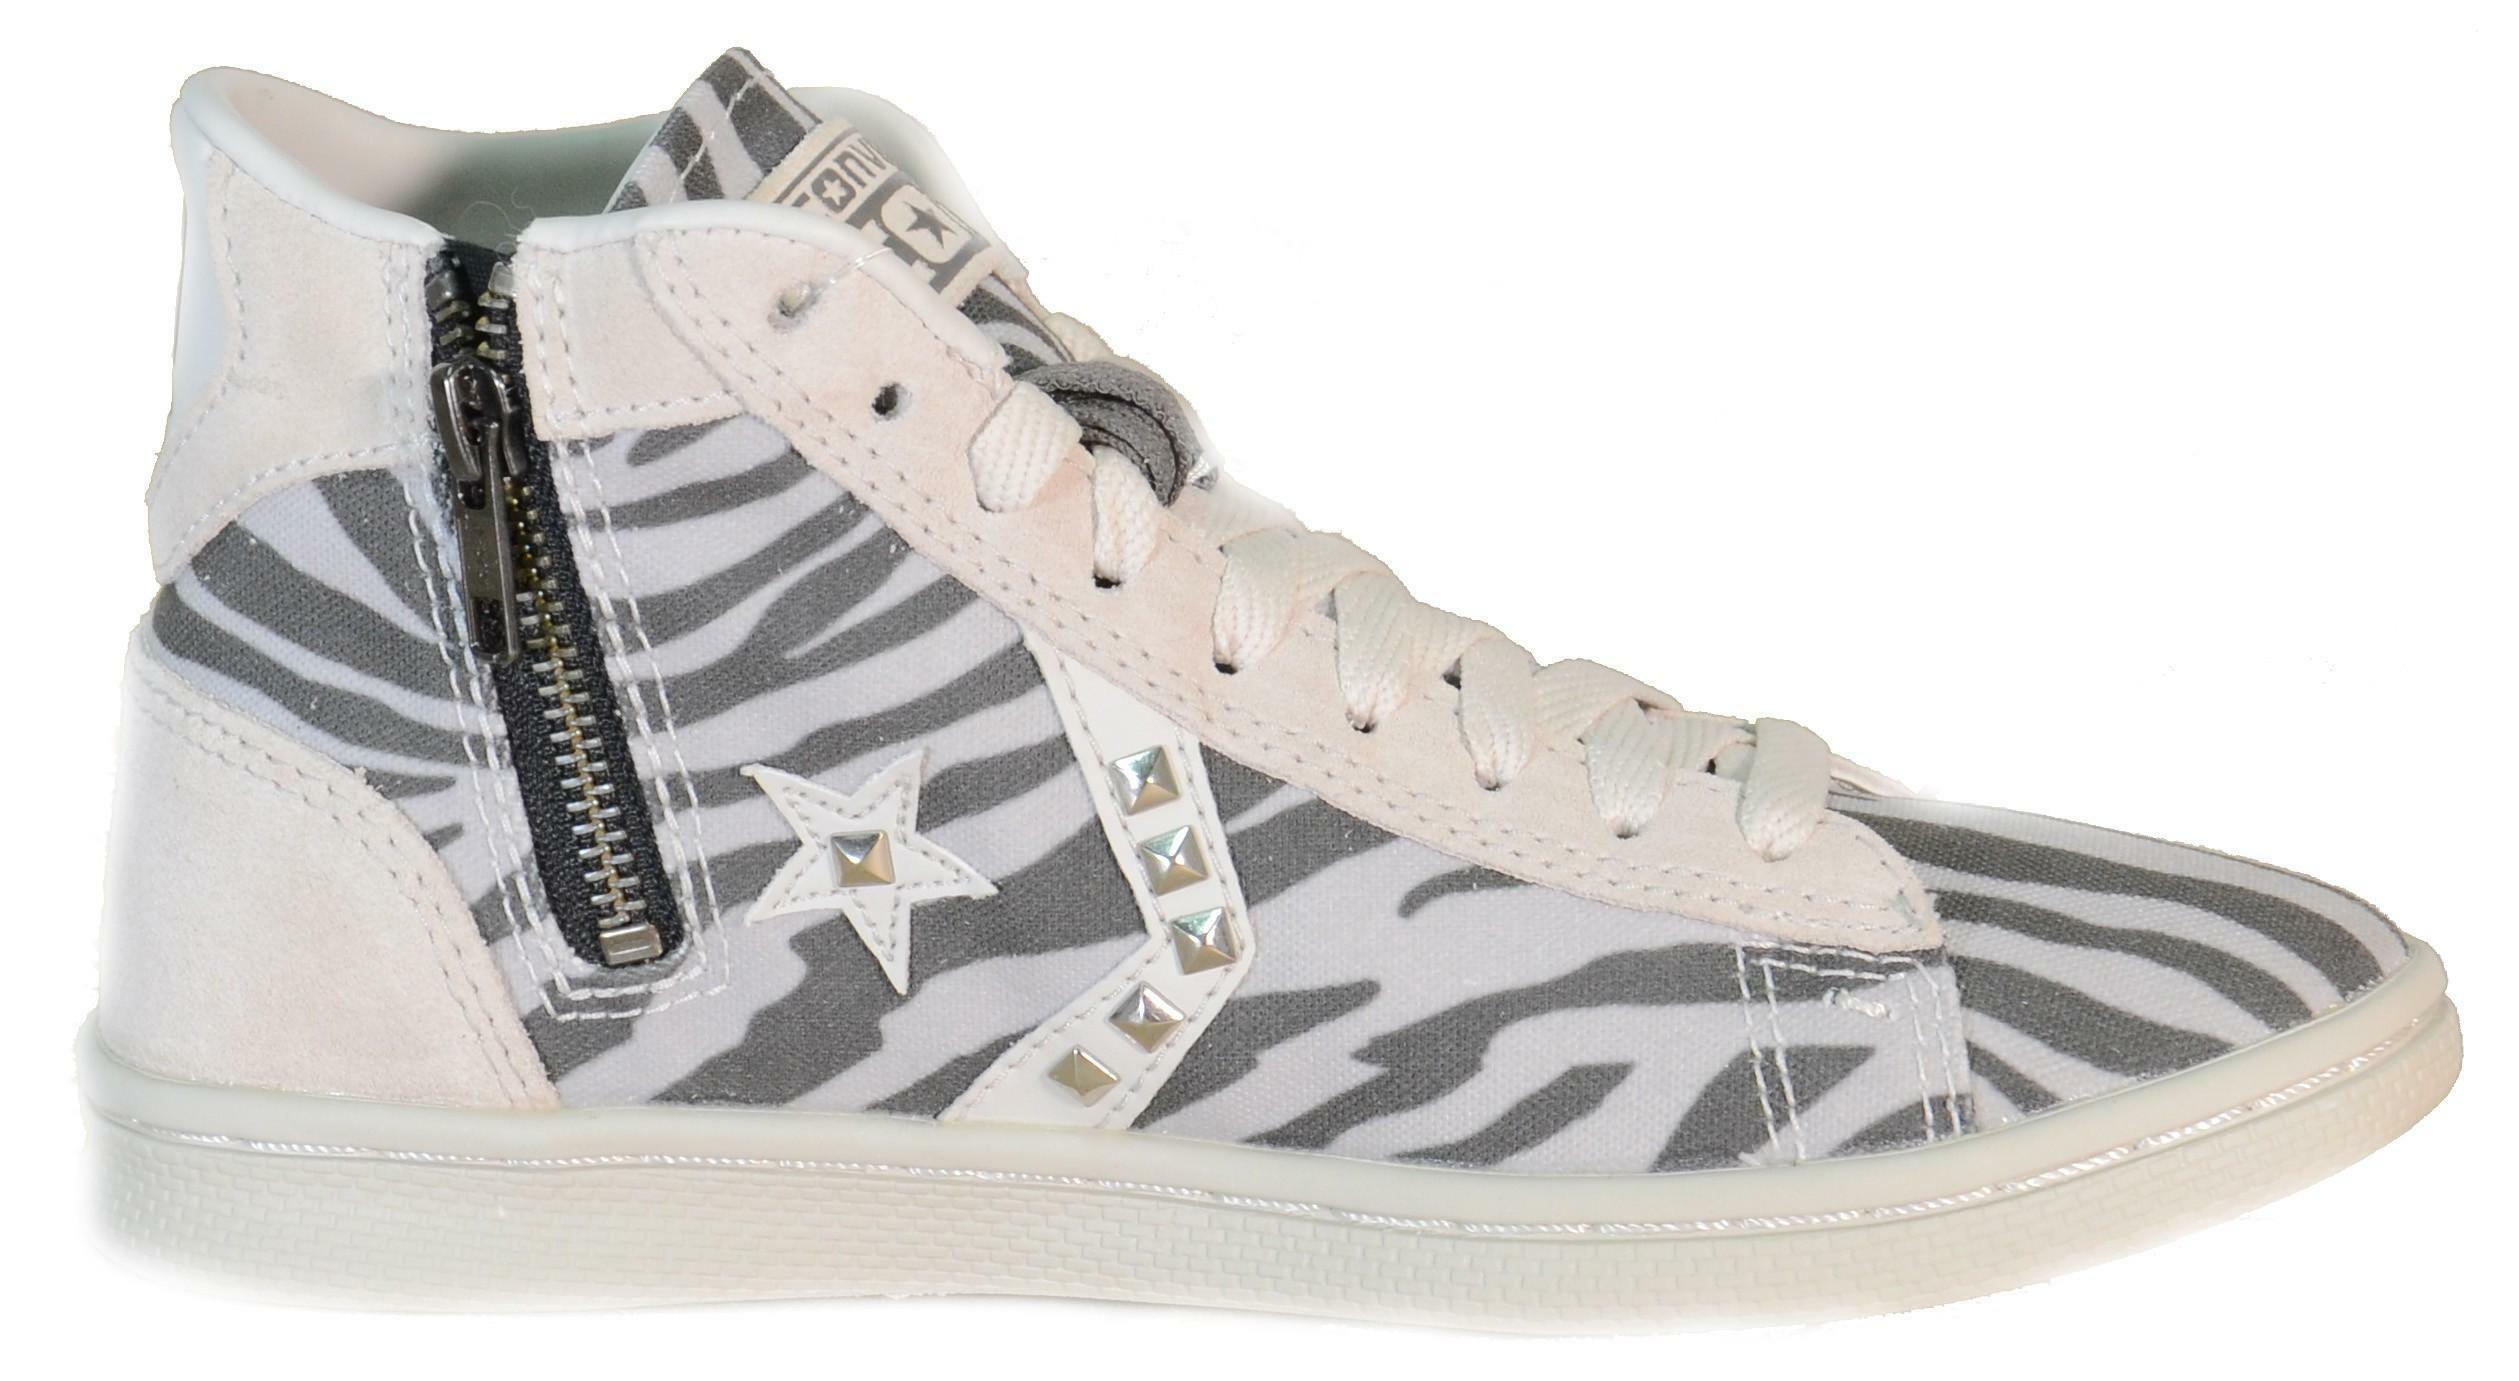 converse converse pro lthr lp zip scarpe donna zip vaporous zebrata 143738